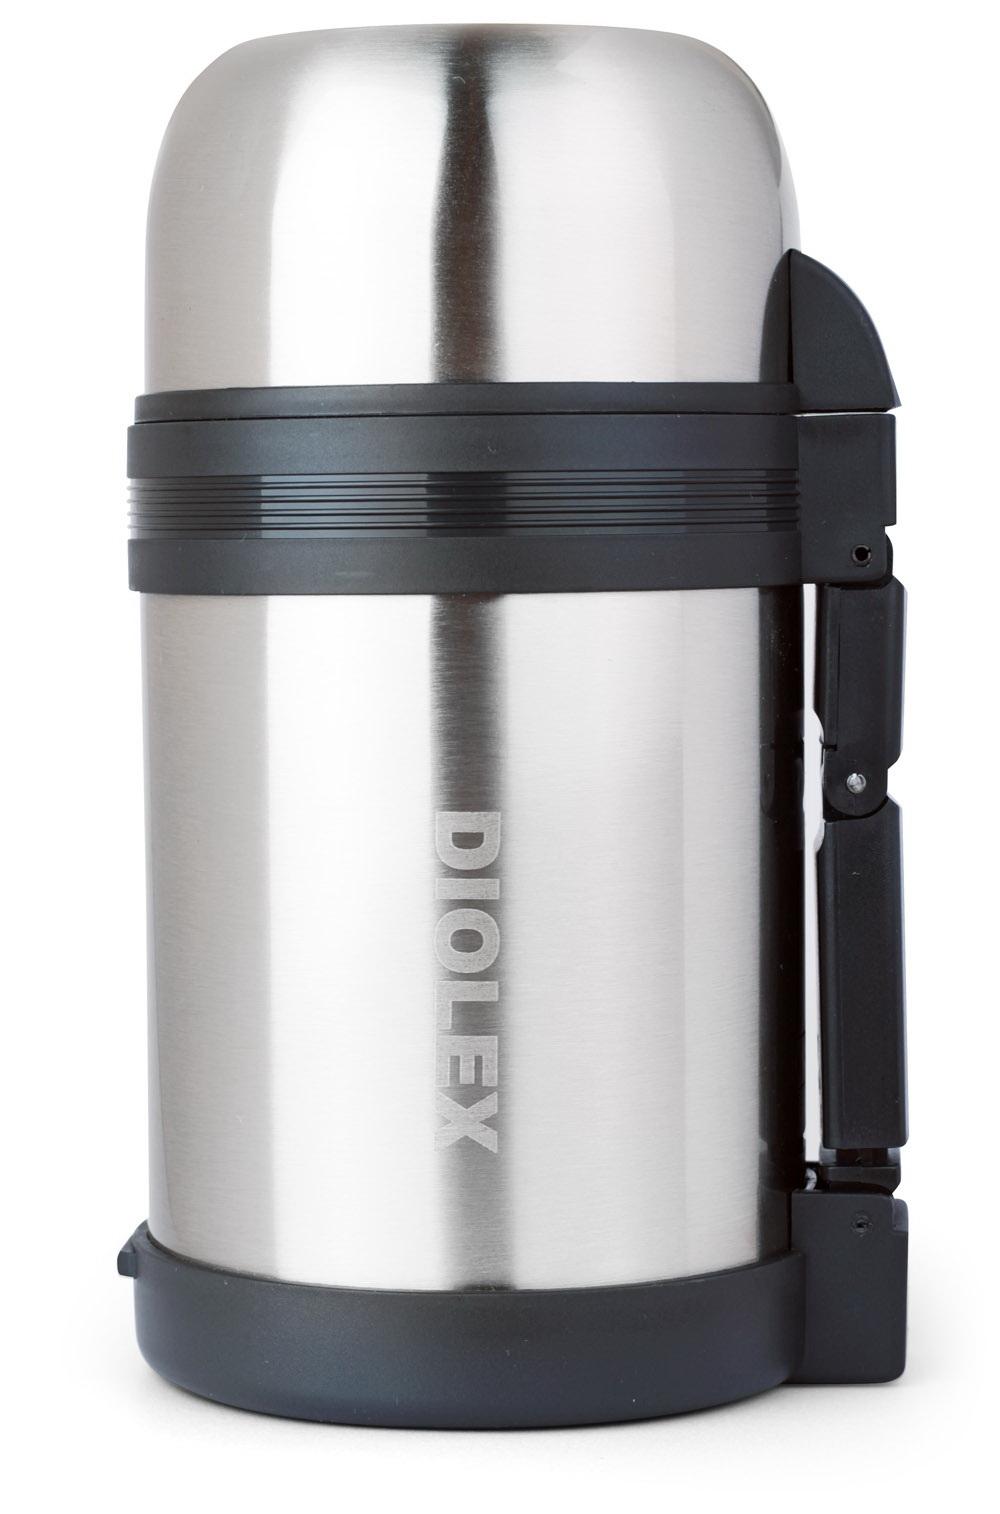 Термос универсальный Diolex, 0,6 лDXU-600-1Термос Diolex изготовлен из высококачественной нержавеющей стали и пластика. Двойная внутренняя колба обеспечивает долгое сохранение температуры содержимого. Термос вакуумный, он плотно закрывается специальным клапаном и дополнительно закручивается крышкой. Пластиковая подвижная ручка и ремешок для переноски делают использование термоса легким и удобным. Термос подходит как для хранения жидкостей, так и пищи. Для еды в комплекте предусмотрен специальный пластиковый контейнер белого цвета. Термос сохраняет напитки и продукты горячими или холодными долгое время.Легкий и прочный термос Diolex идеально подойдет для отдыха и путешествий. Высота термоса (с учетом крышки): 19 см. Диаметр основания: 10,5 см.